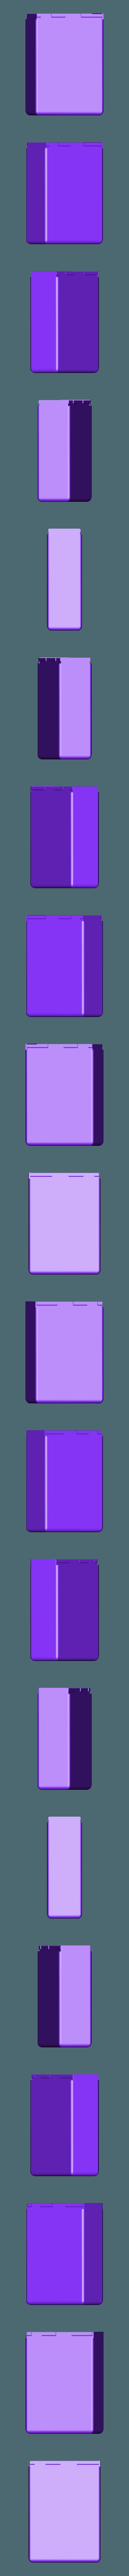 Cigarette package x20 - Down.STL Télécharger fichier STL gratuit Aboa - Solution pour fumer moins et arrêter le tabac • Plan imprimable en 3D, jeromeelie